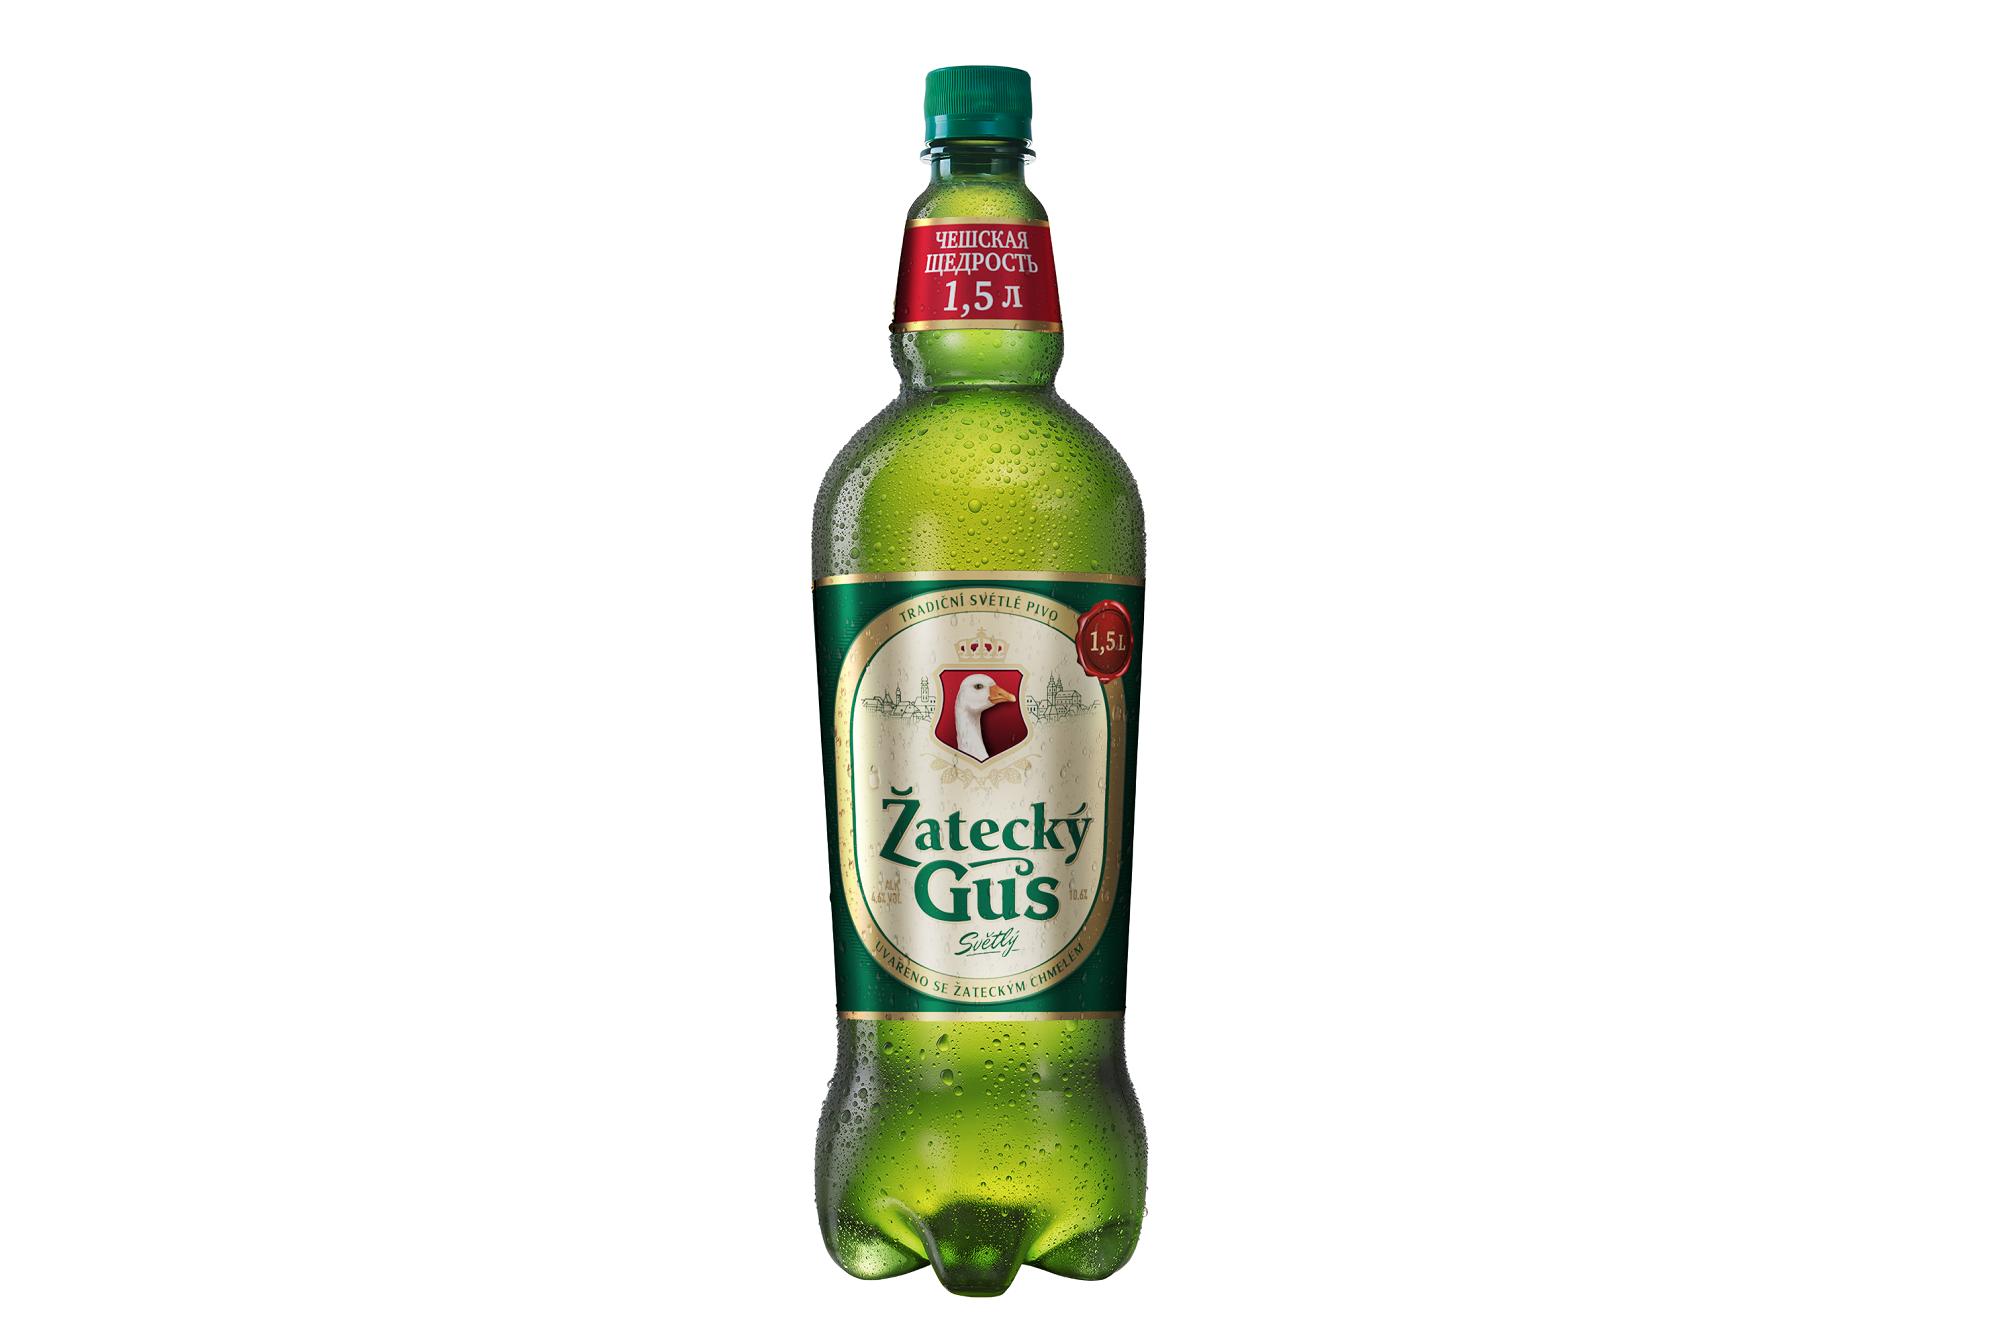 Россия. Žatecký Gus – объем увеличивается, цена сохраняется